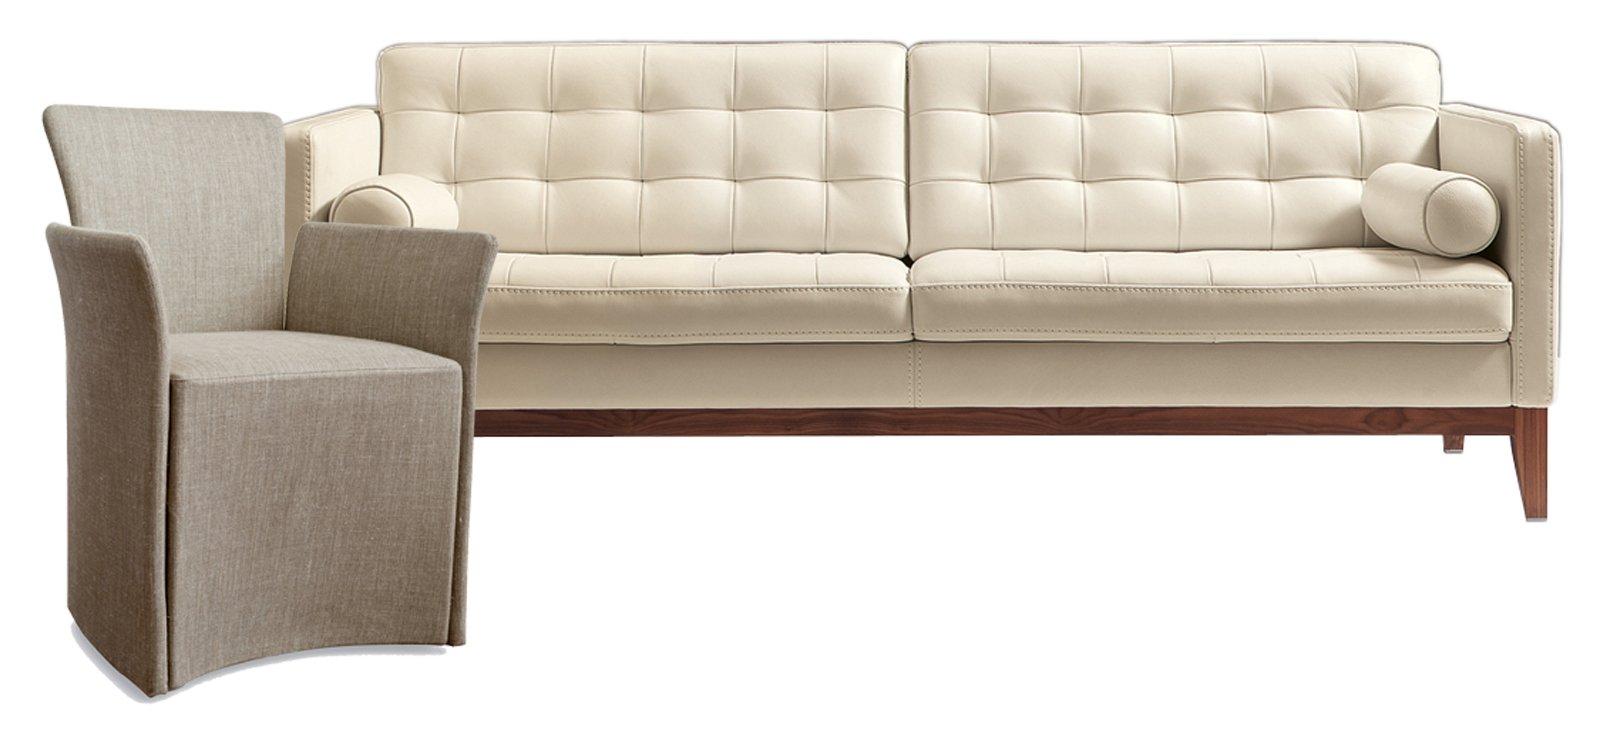 Poltrona e divano idee per abbinarli cose di casa for Quali sono i migliori divani in pelle